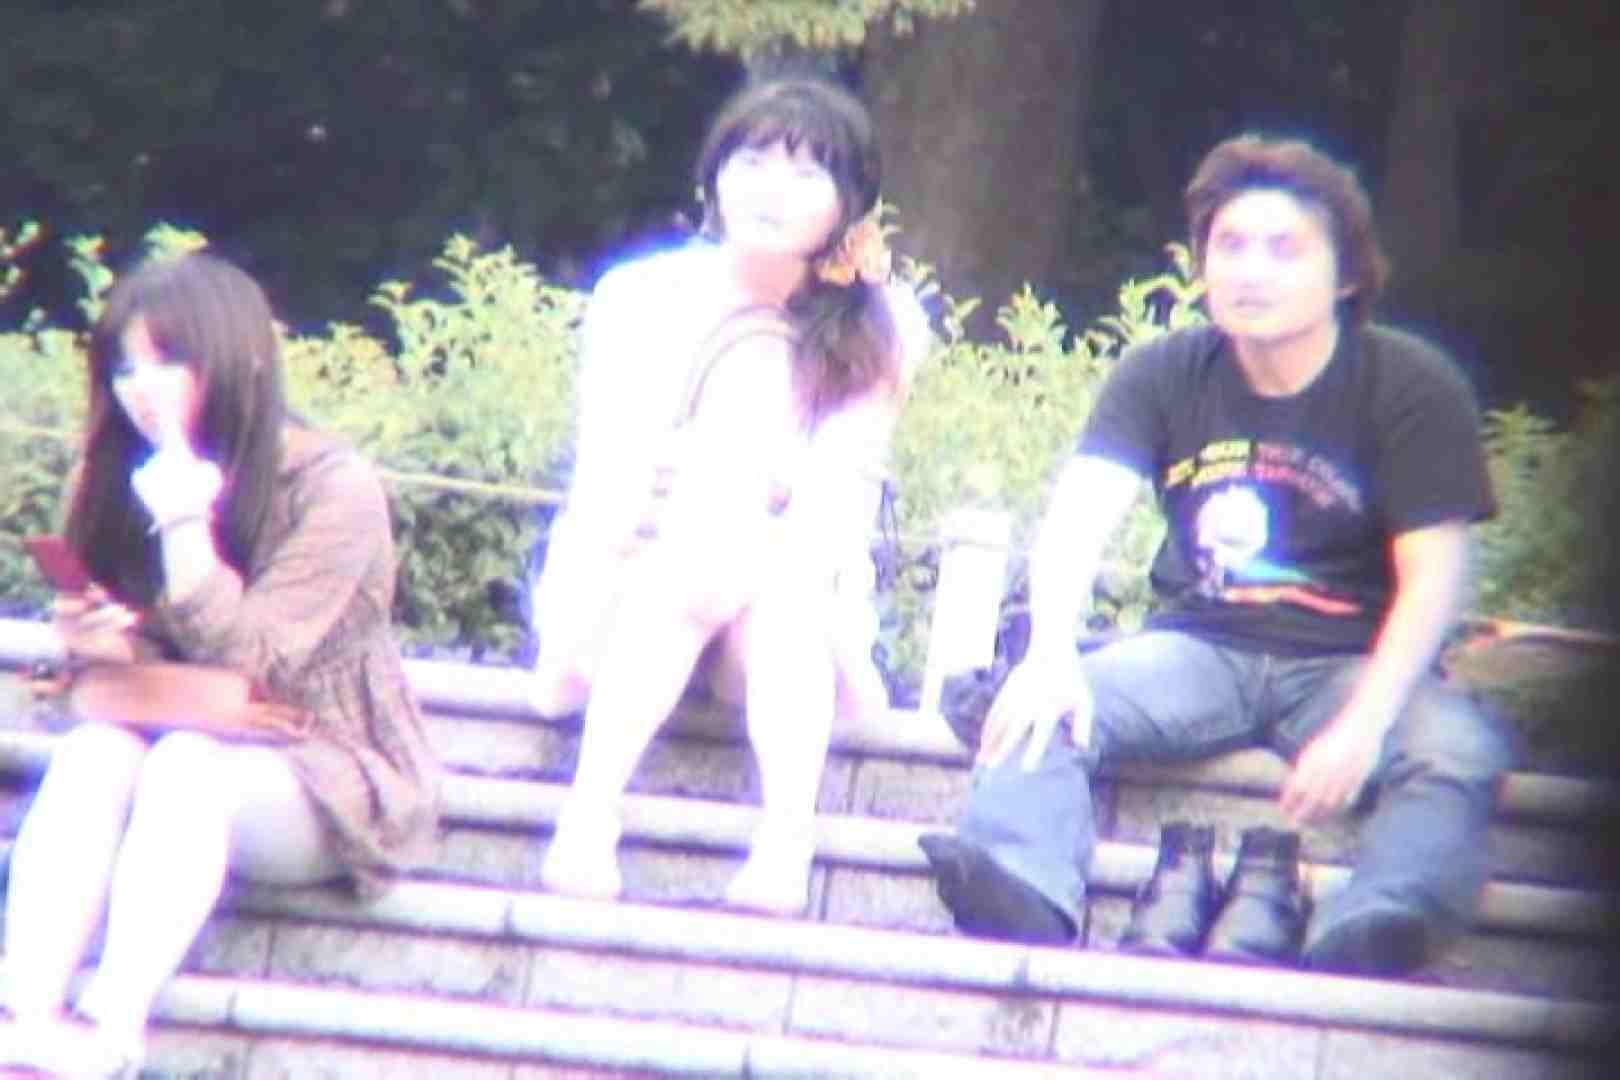 超最新版!春夏秋冬 vol.04 盗撮 オマンコ無修正動画無料 87連発 58